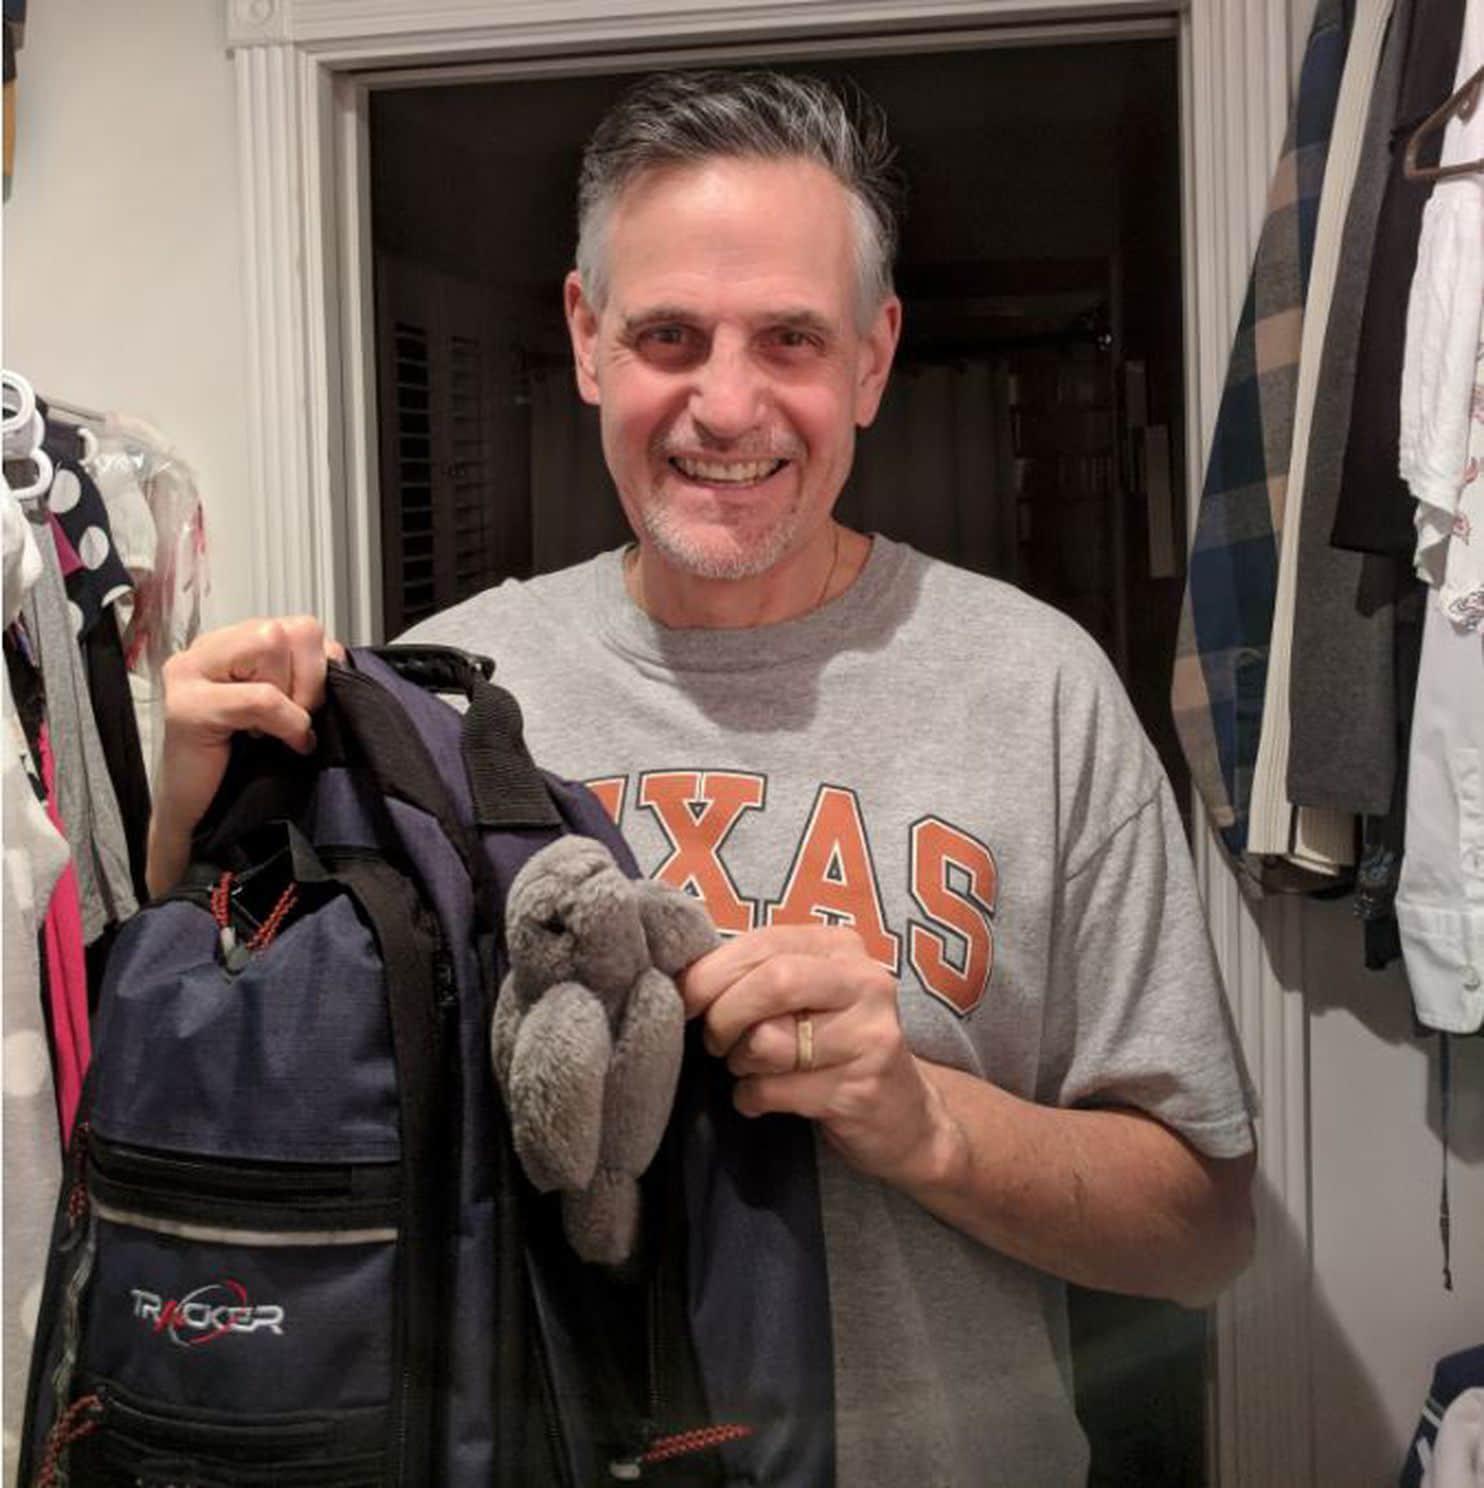 Pat Holmes junto a su bolsa de gimnasia y el peluche que le regaló a su hija hace 18 años(Cortesía de Samantha Holmes / The Washington Post)